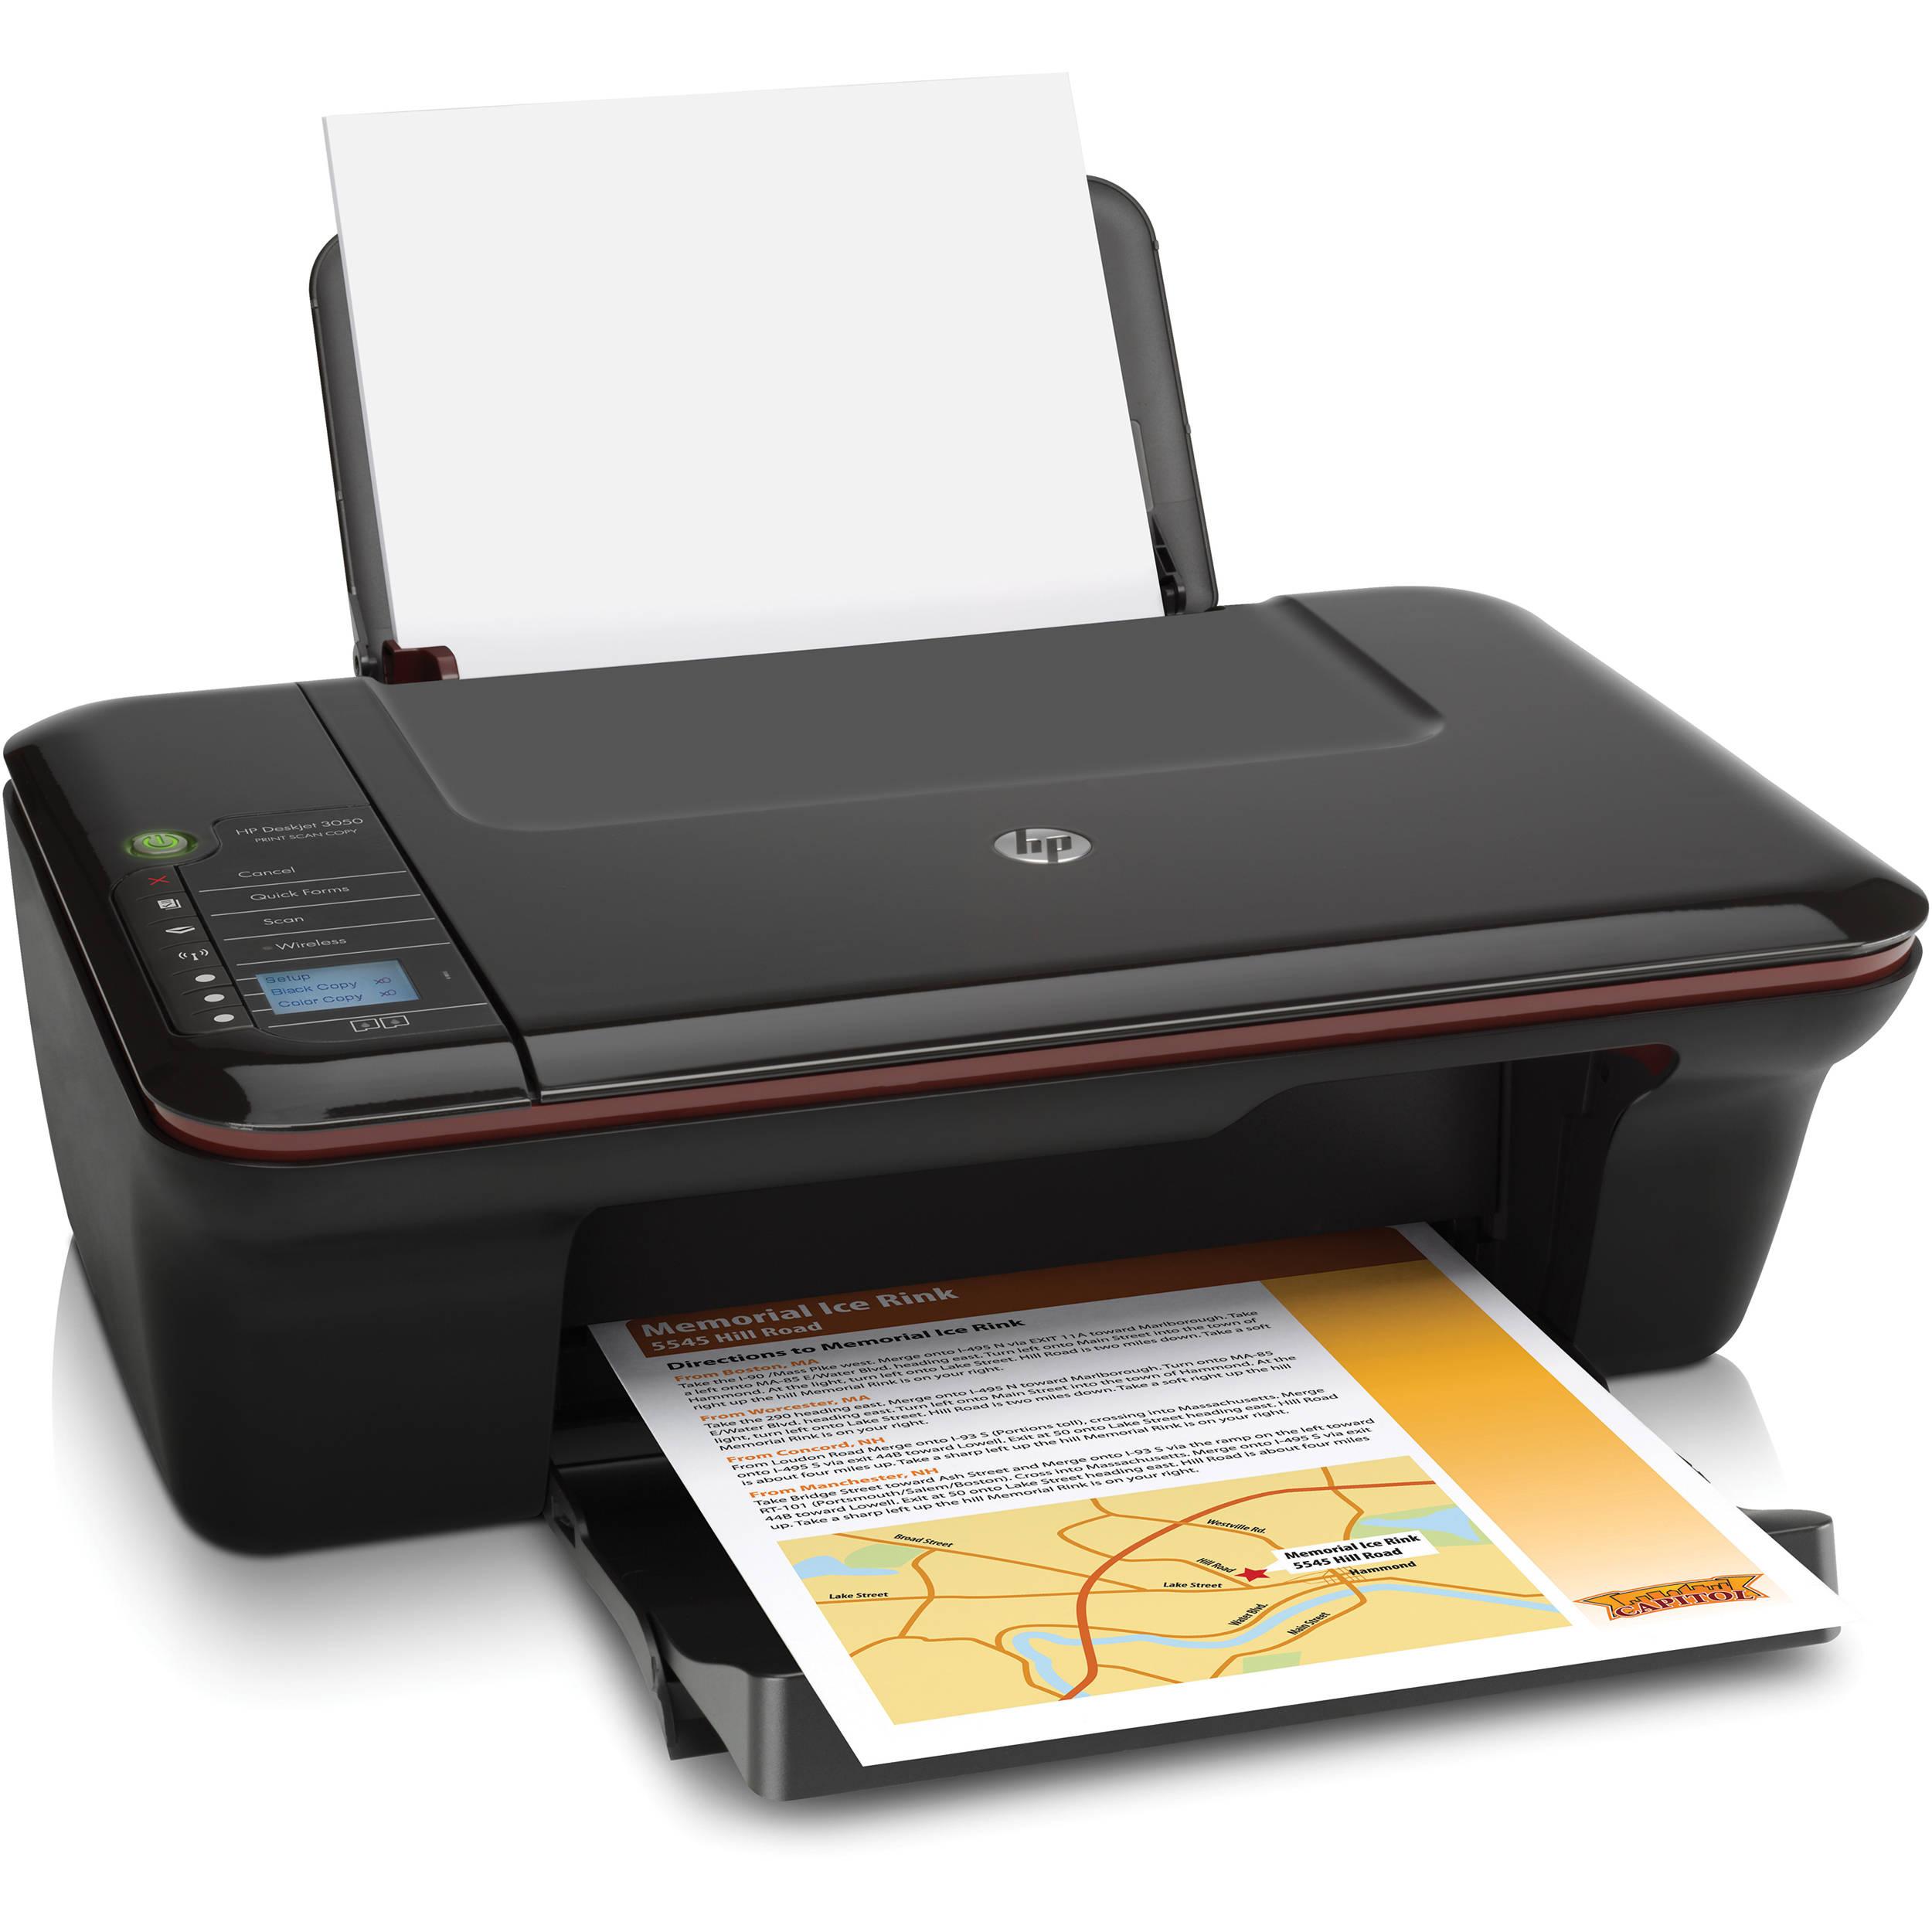 惠普1988年推出的DeskJet喷墨打印机被认为是第一个大规模销售,并广泛流行使用的打印机